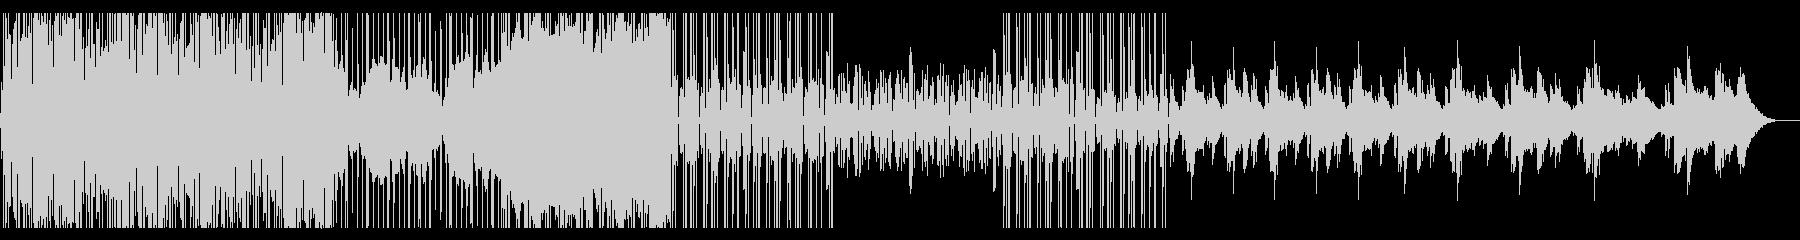 ローファイヒップホップ Lofiの未再生の波形